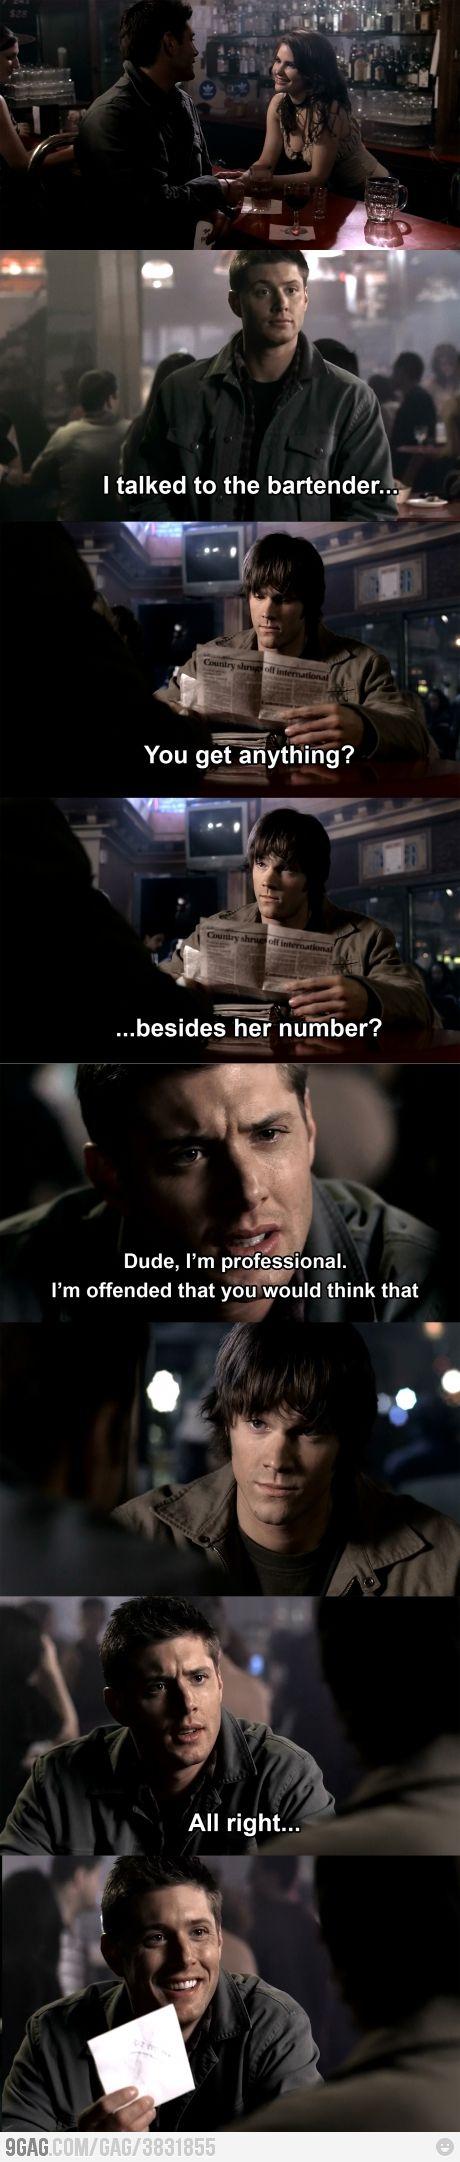 haha love dean!